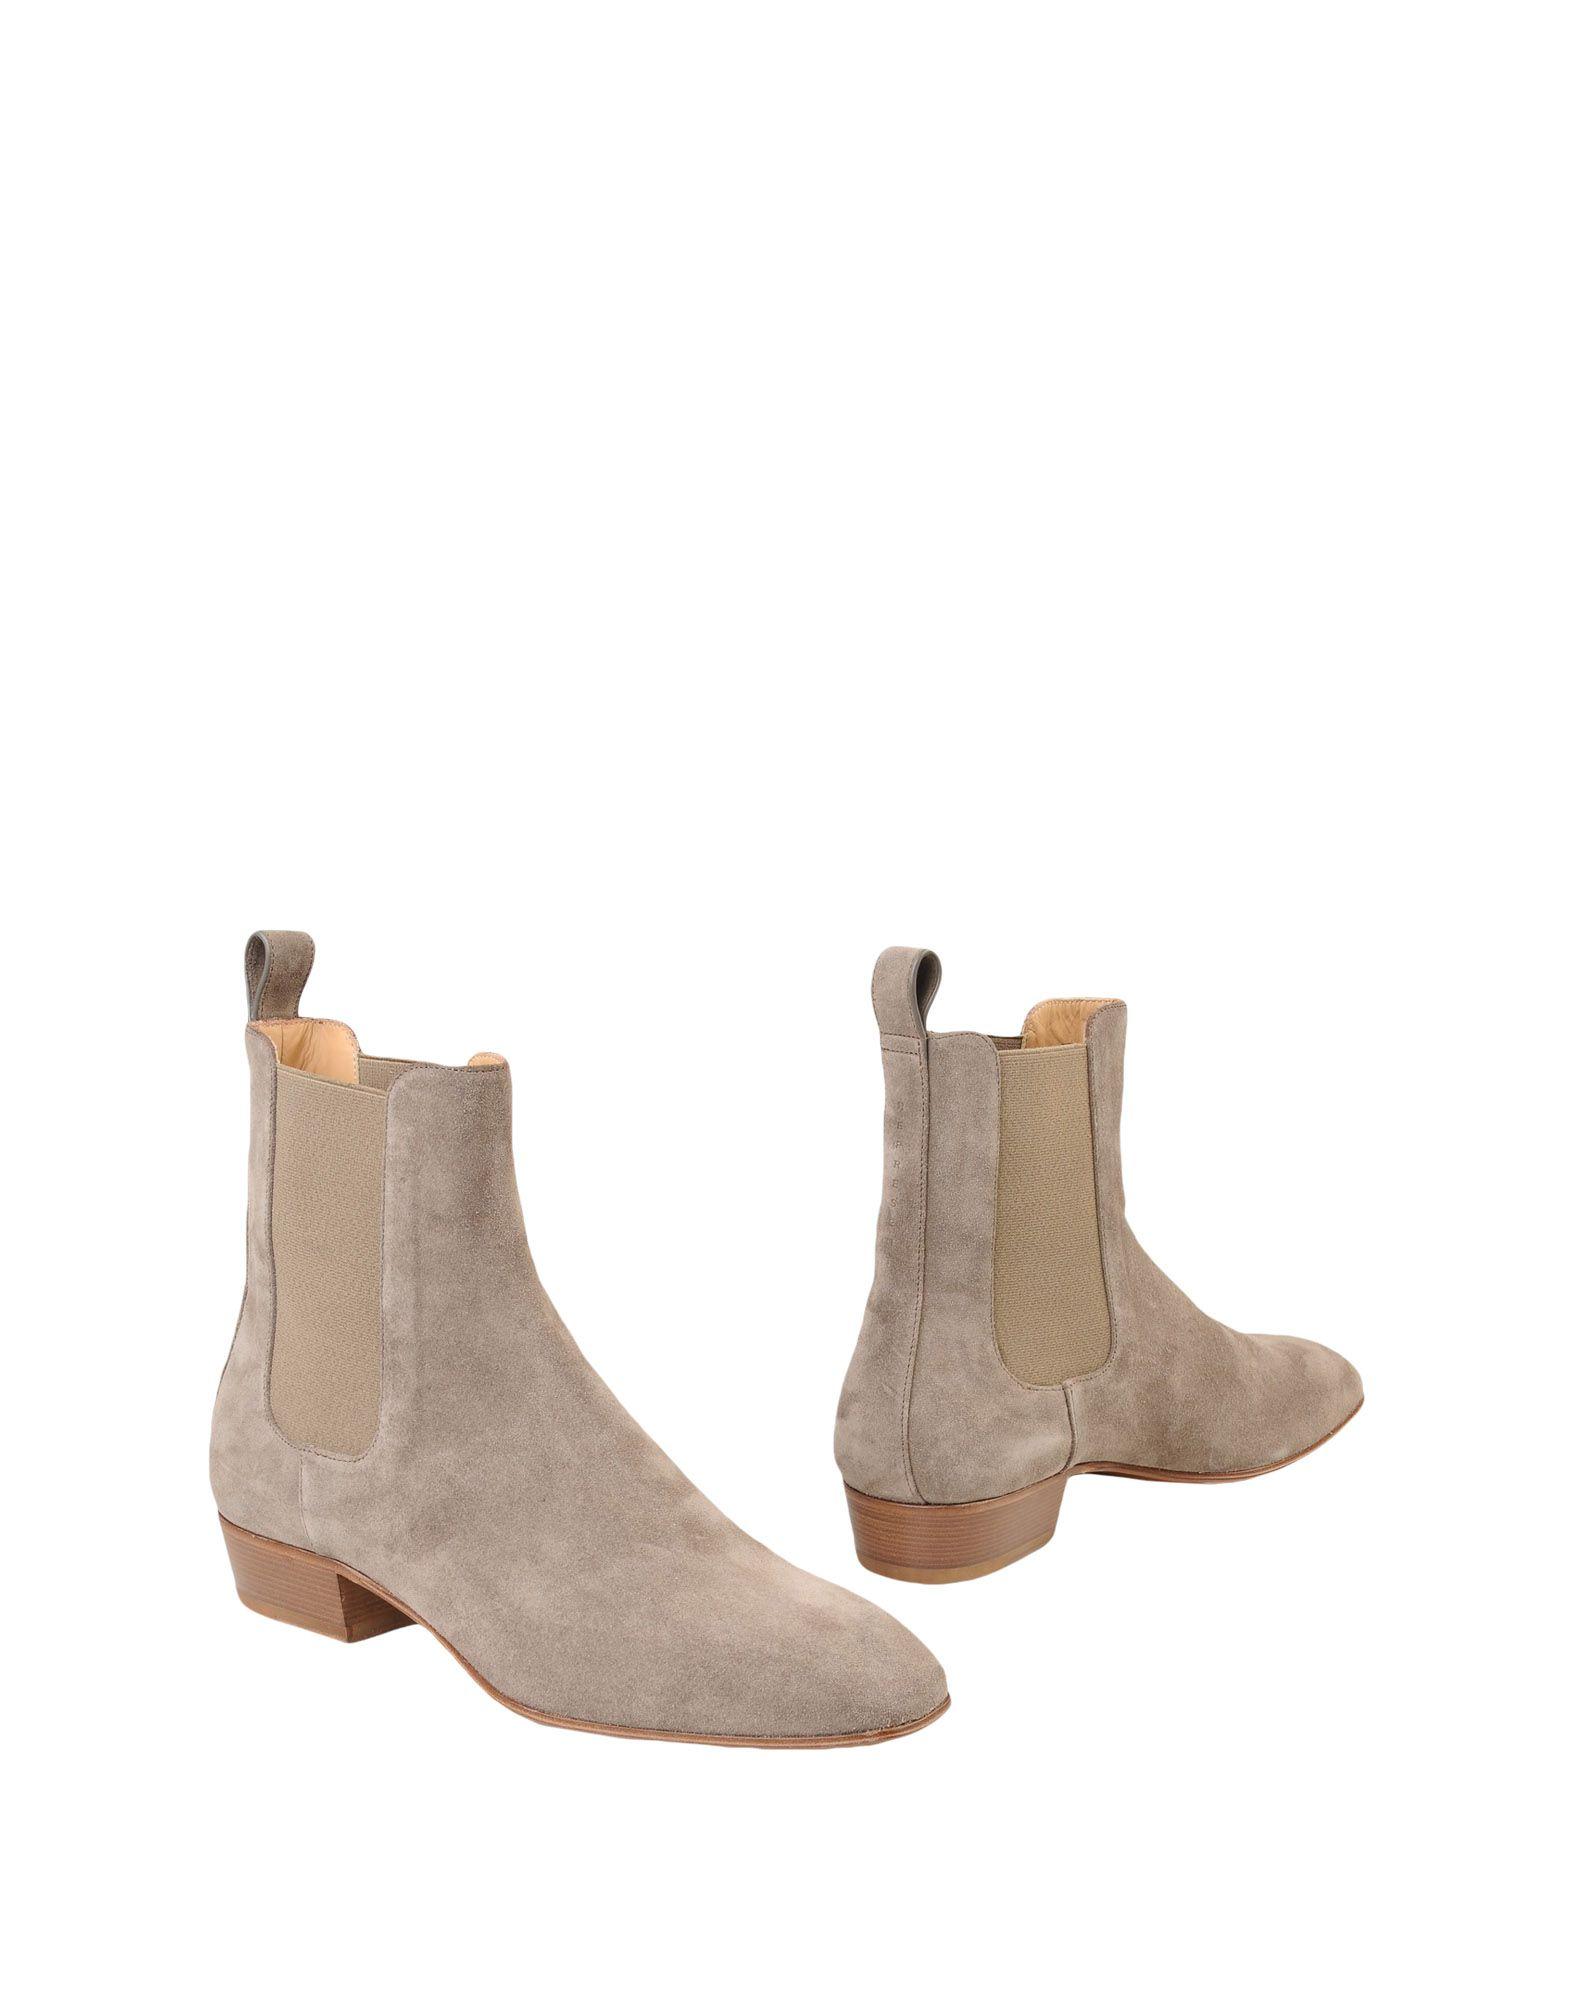 Represent Stiefelette Qualität Herren  11454962JW Gute Qualität Stiefelette beliebte Schuhe 0bbb15